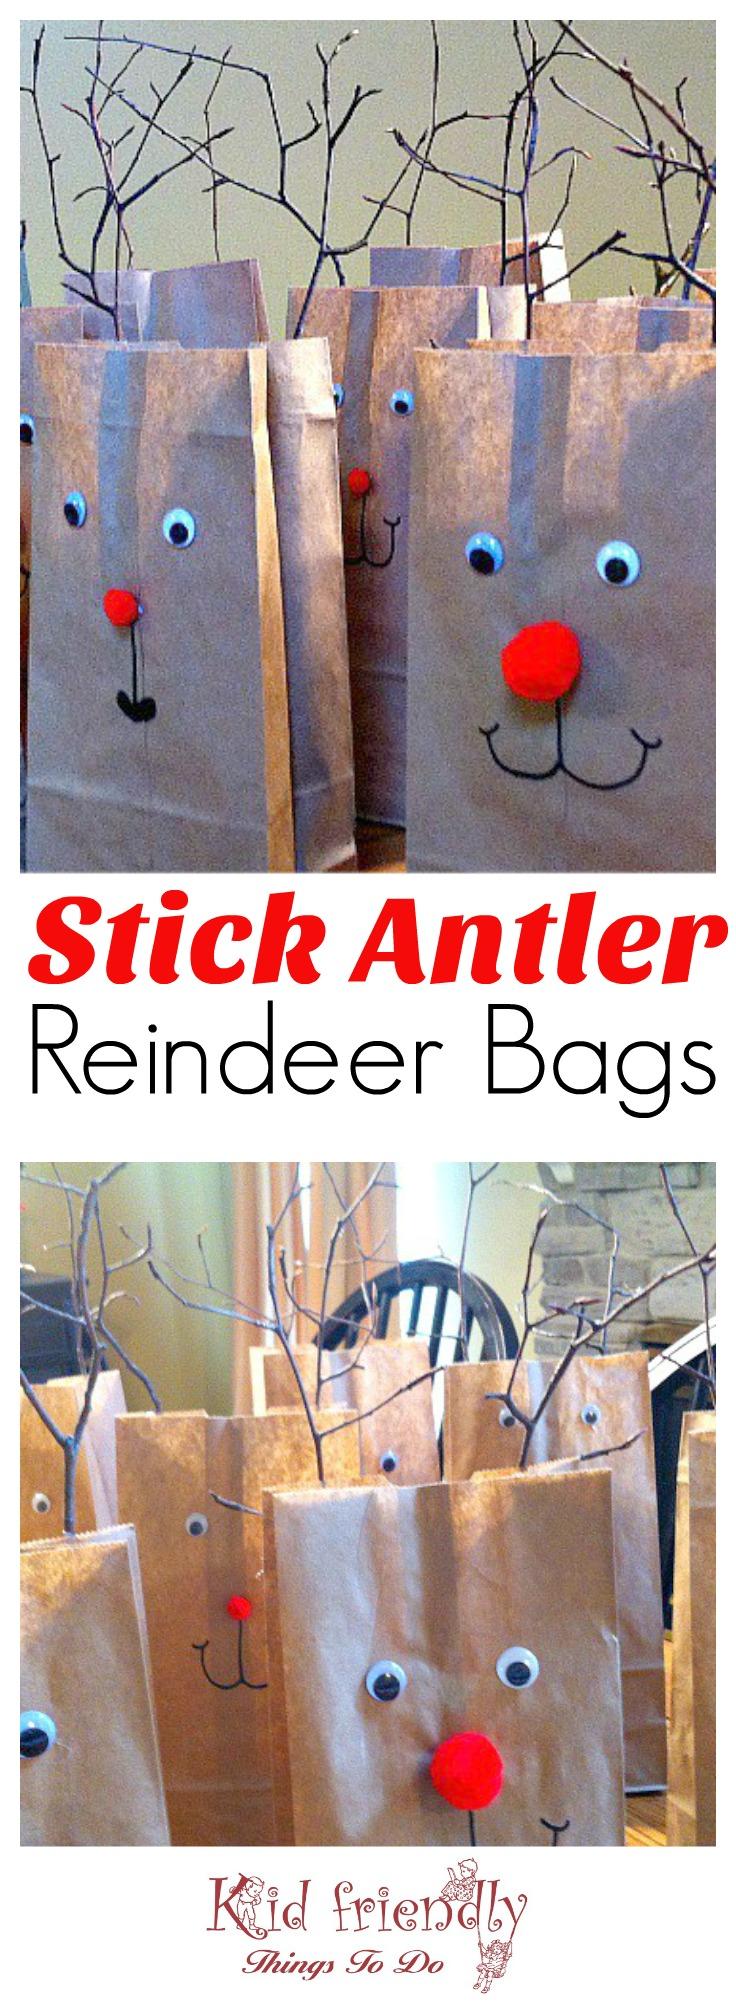 Twig Antlers Reindeer Bags for a kids Christmas party goody bag - www.kidfriendlythingstodo.com